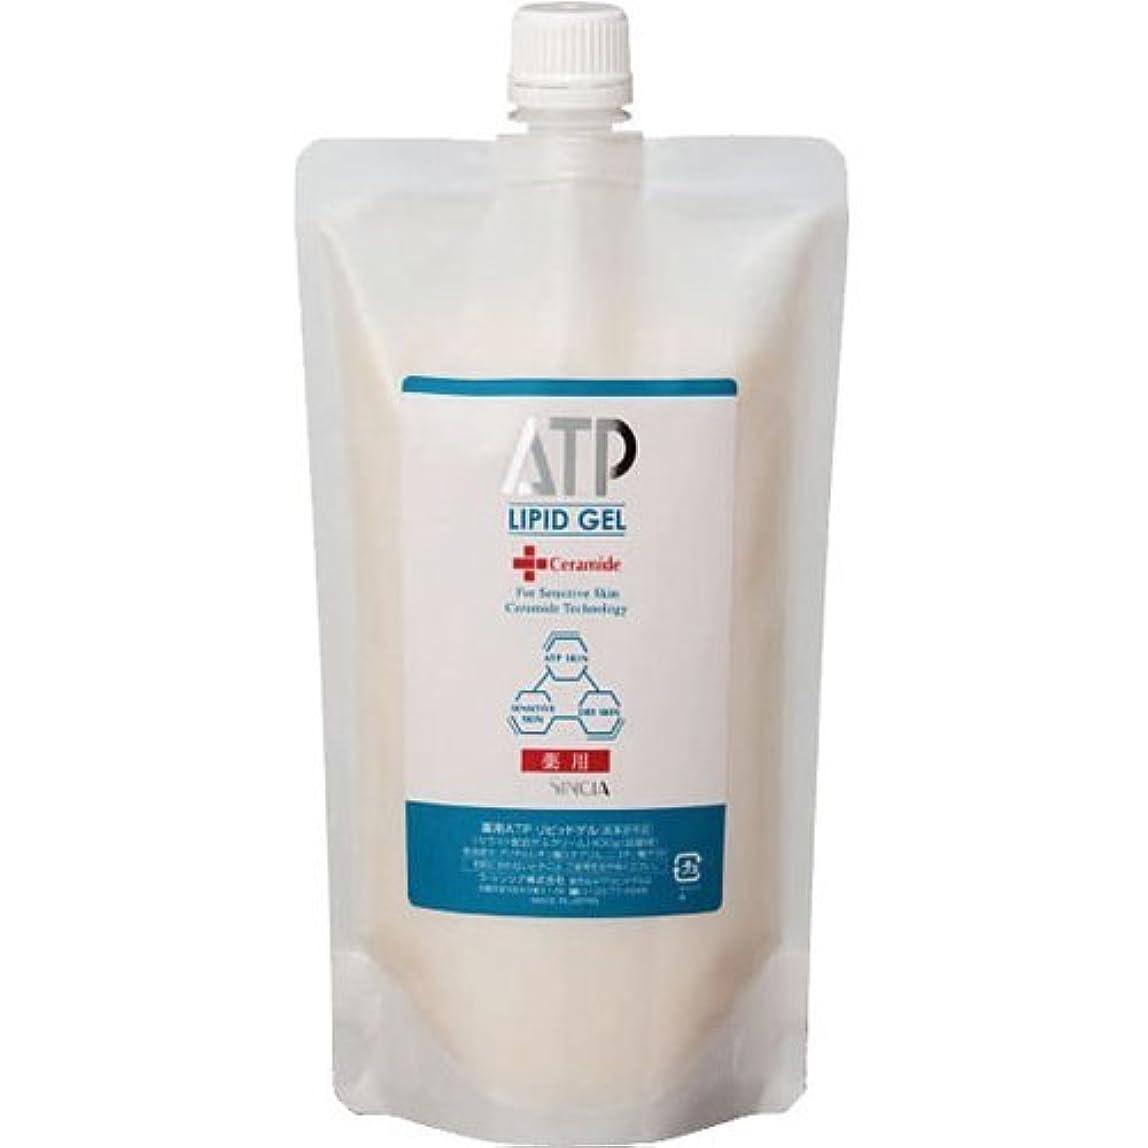 おいしい入力計算可能ラシンシア 薬用ATPリピッドゲル 400g(詰替用) 【セラミド配合ゲルクリーム】